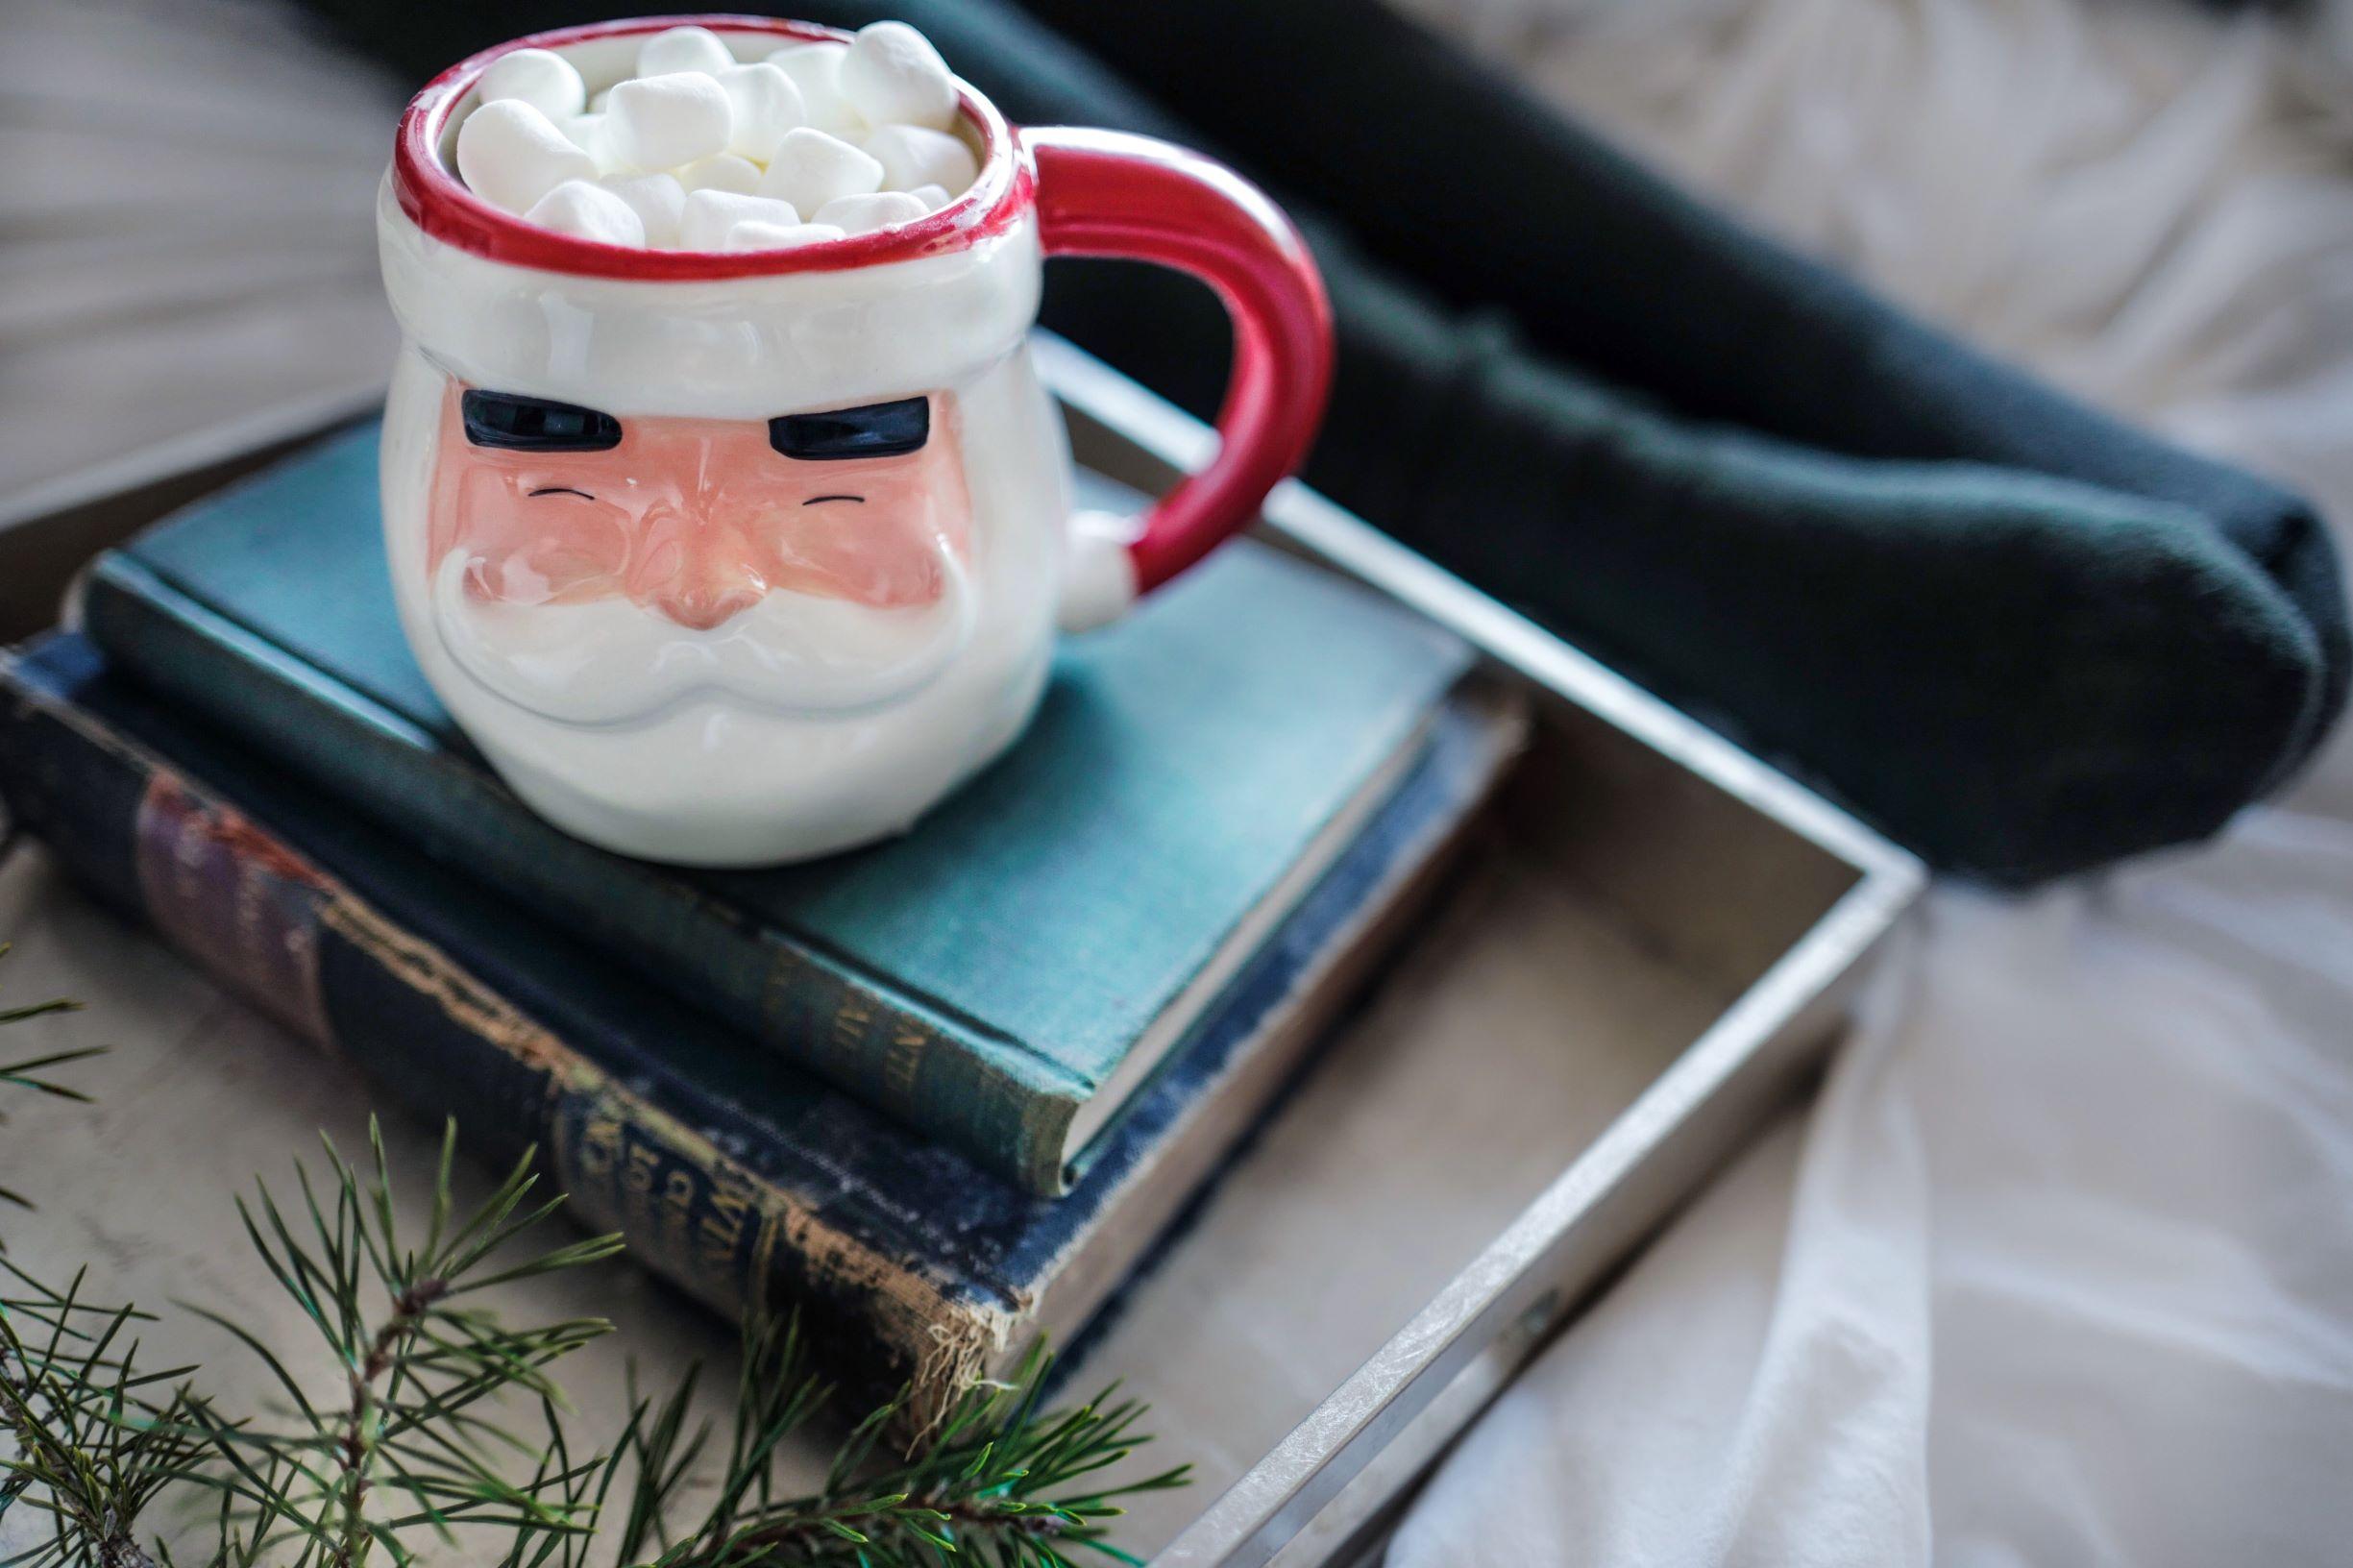 Christmas mug and books